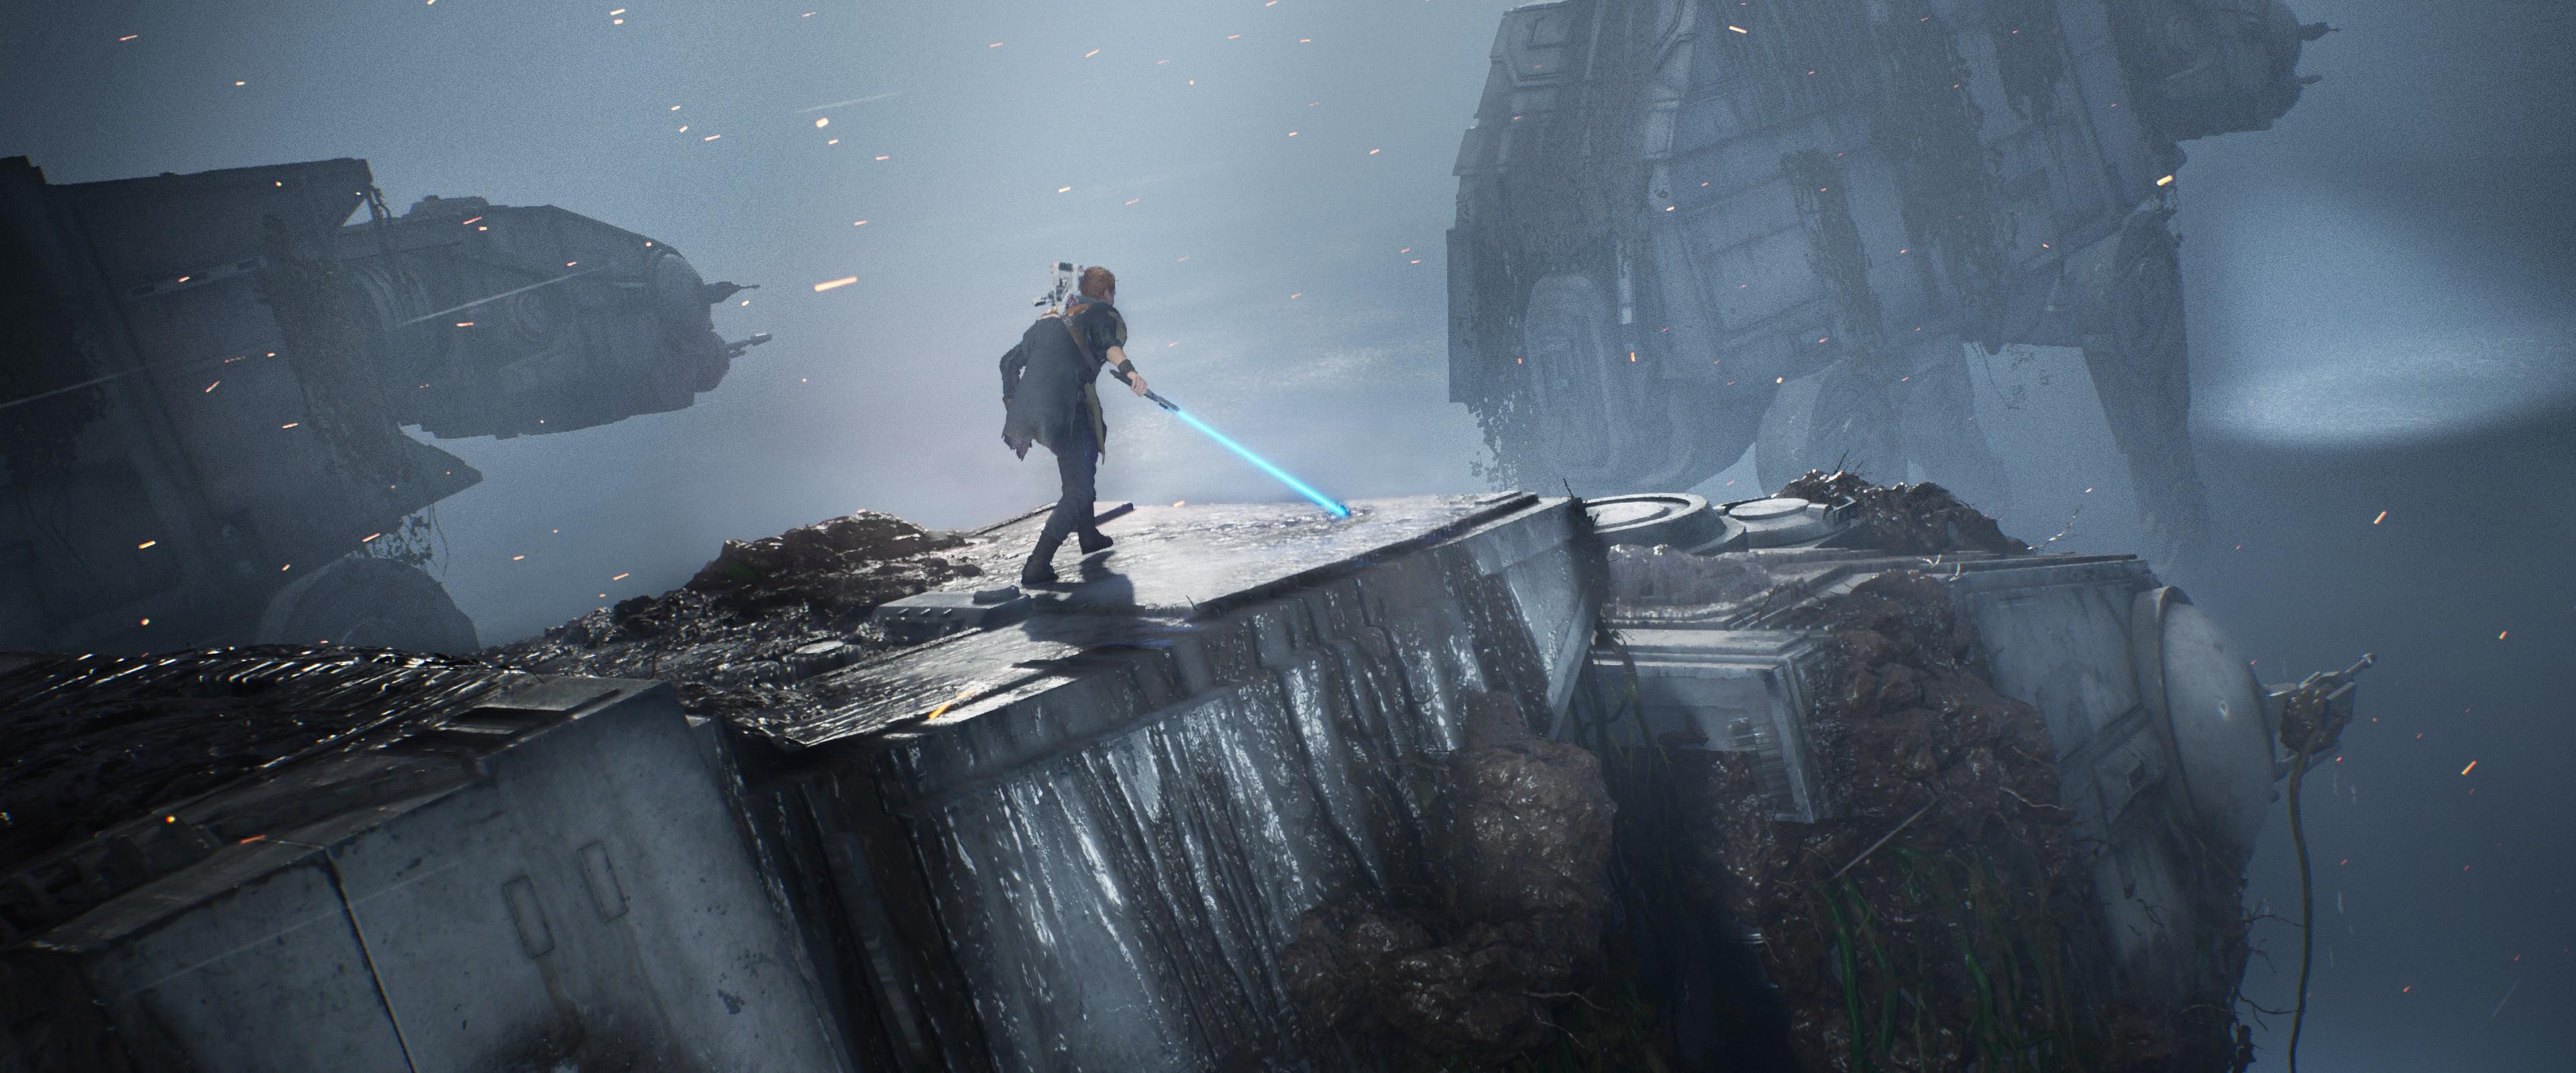 Star Wars Jedi Fallen Order 4k Wallpaper 20